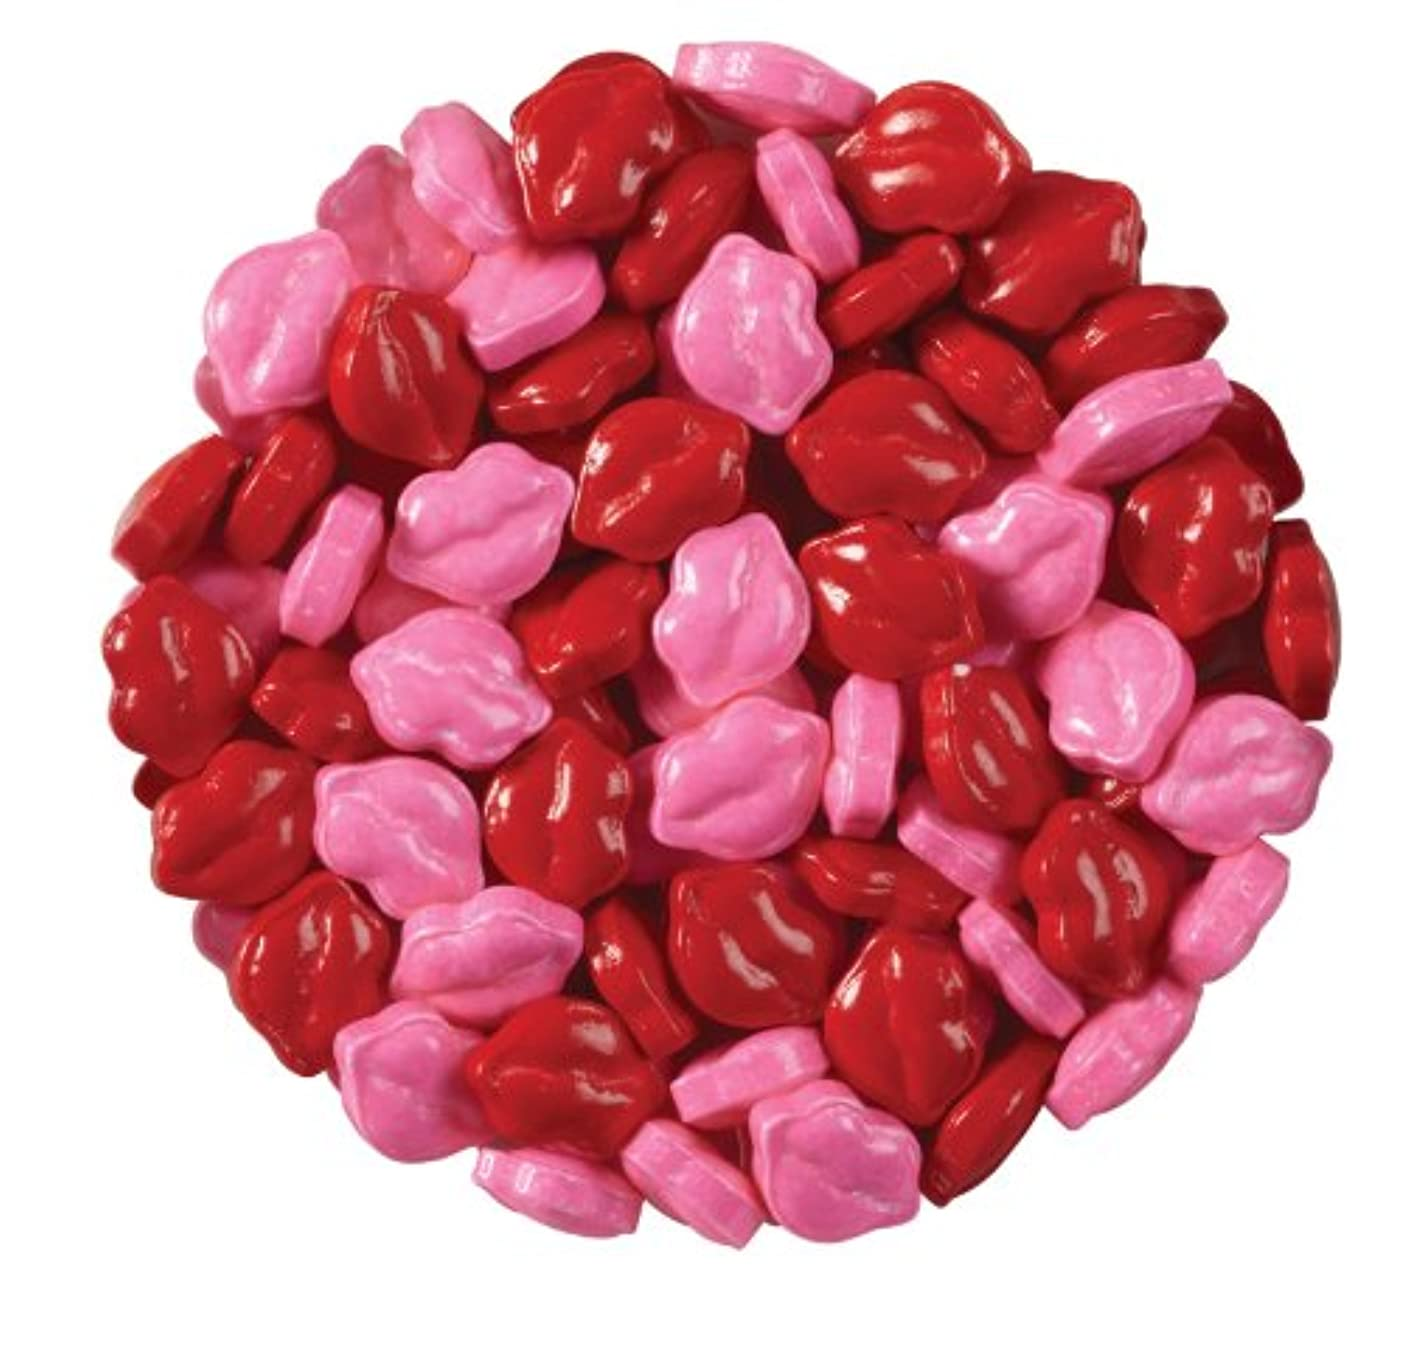 すり減る慣性兵器庫Sprinkles .88oz-Candy Lips (並行輸入品)